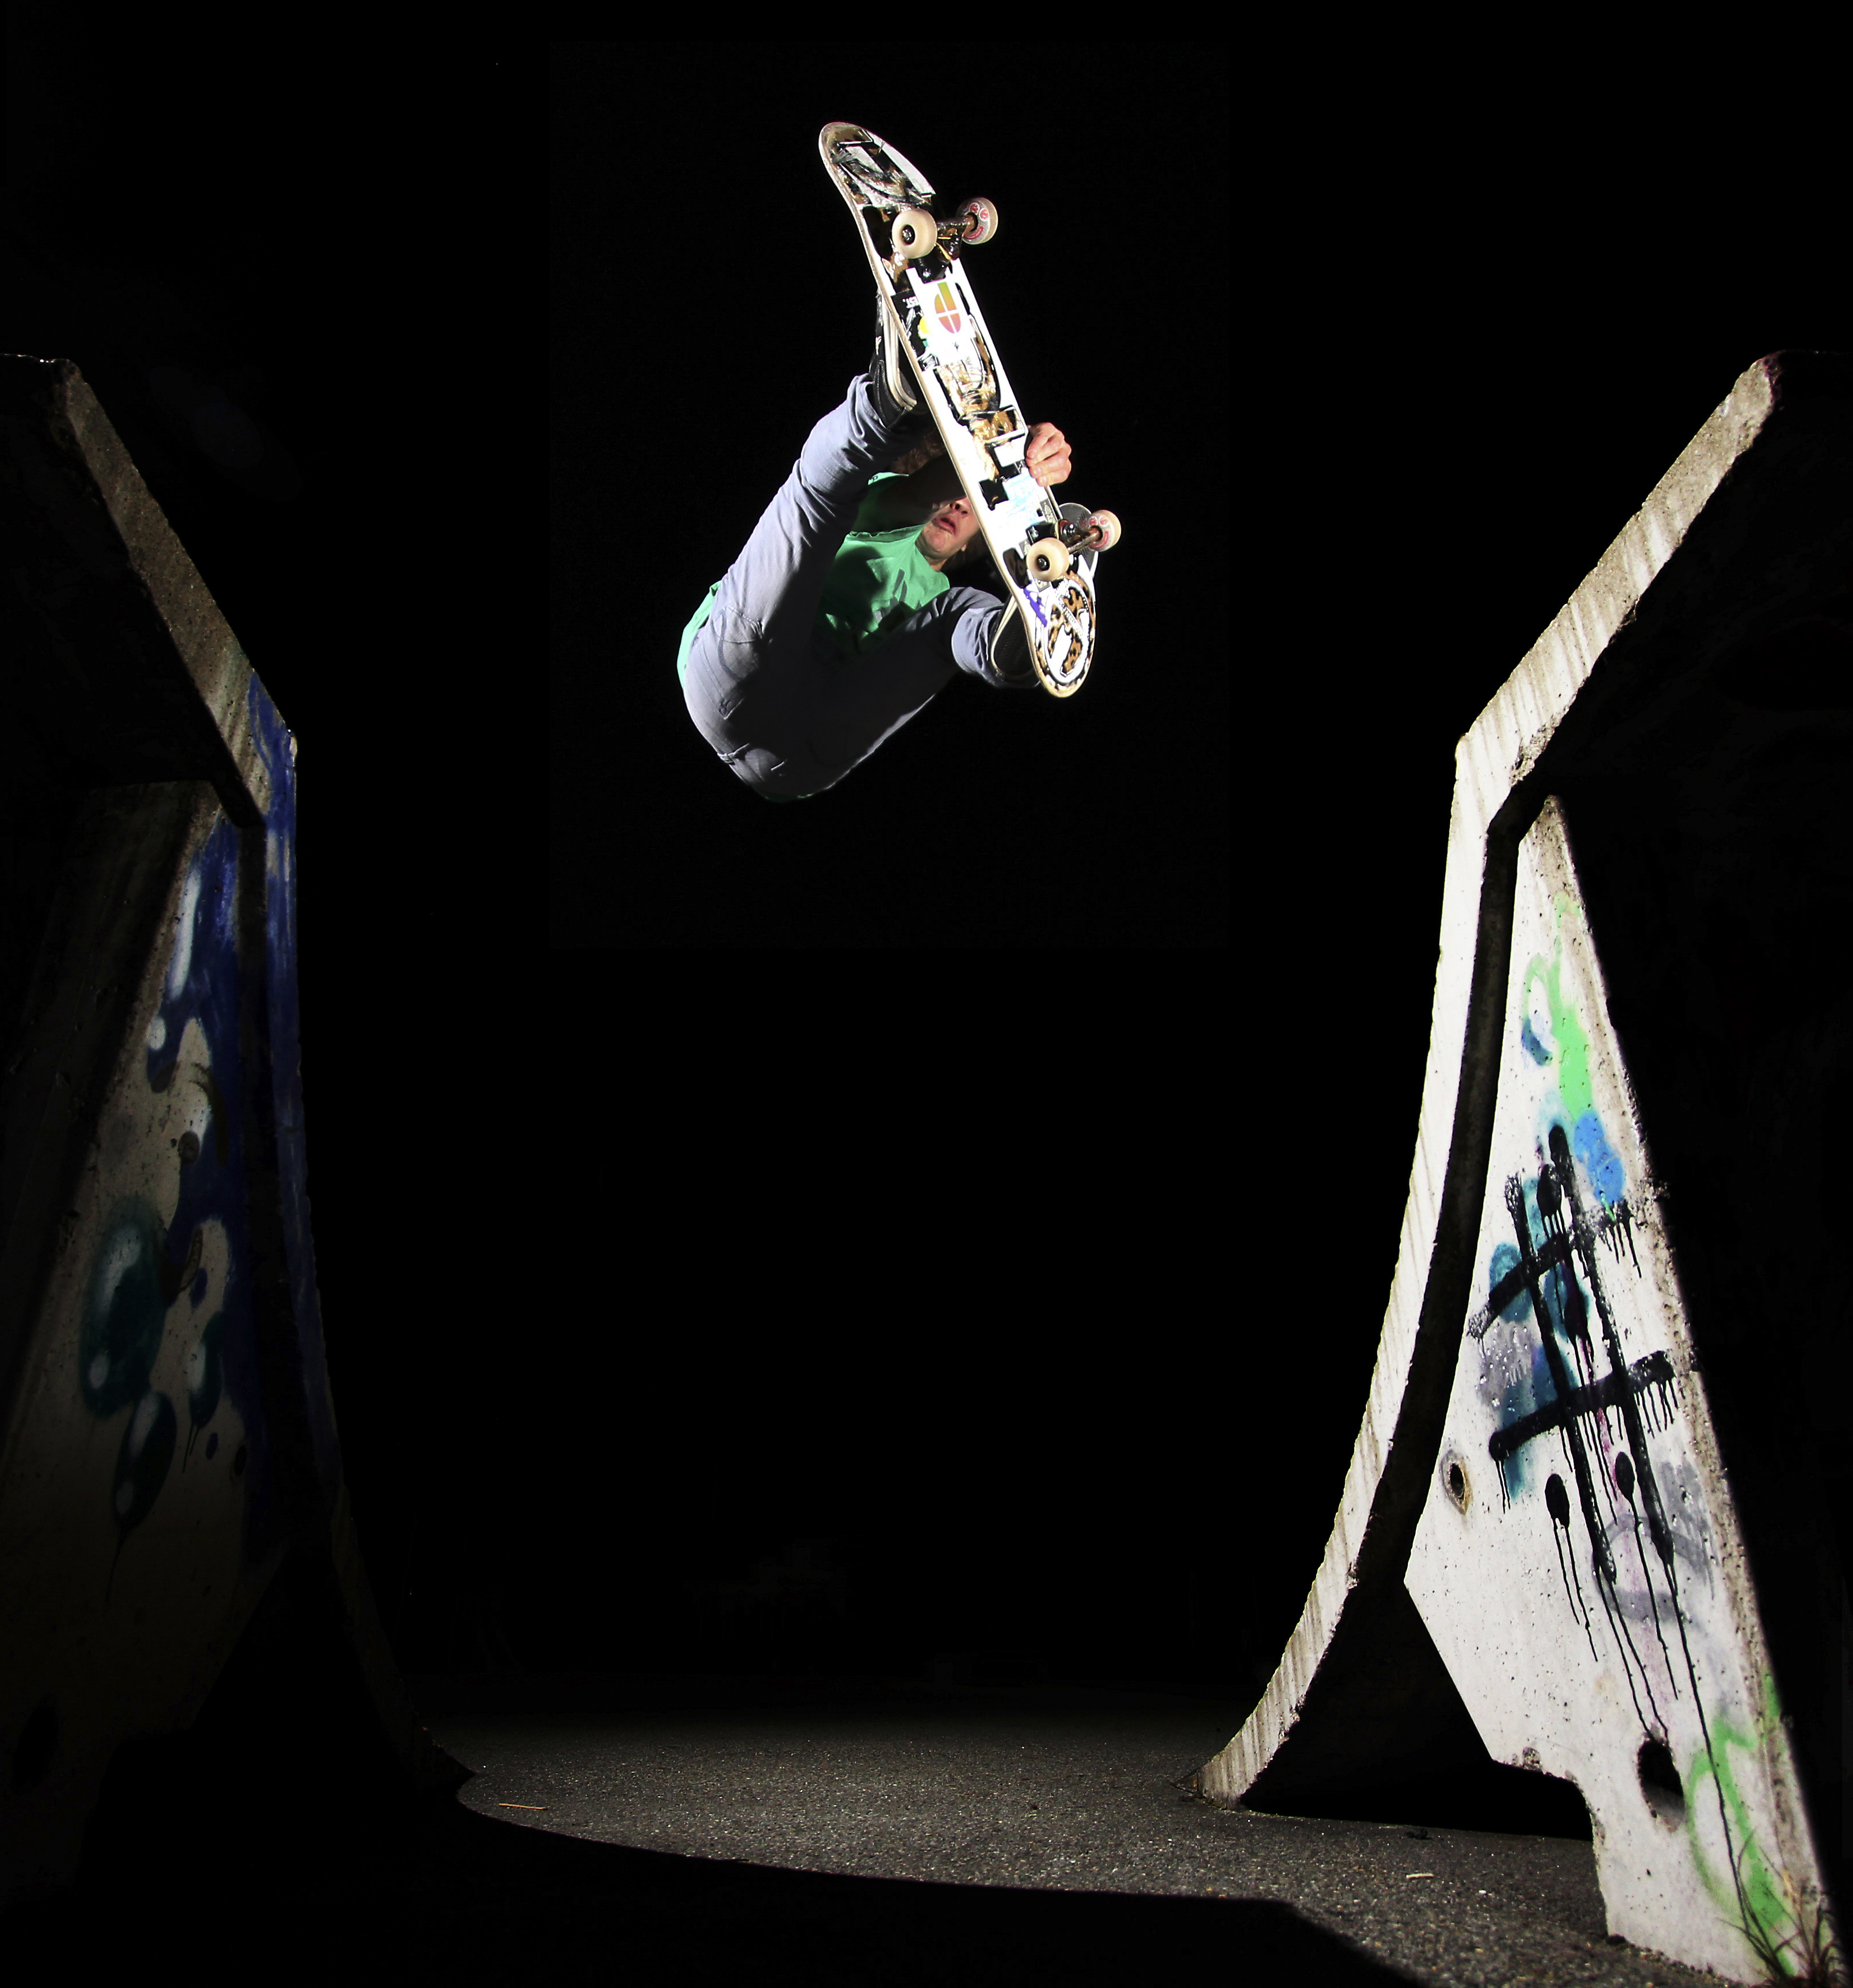 Skate_Naters_square